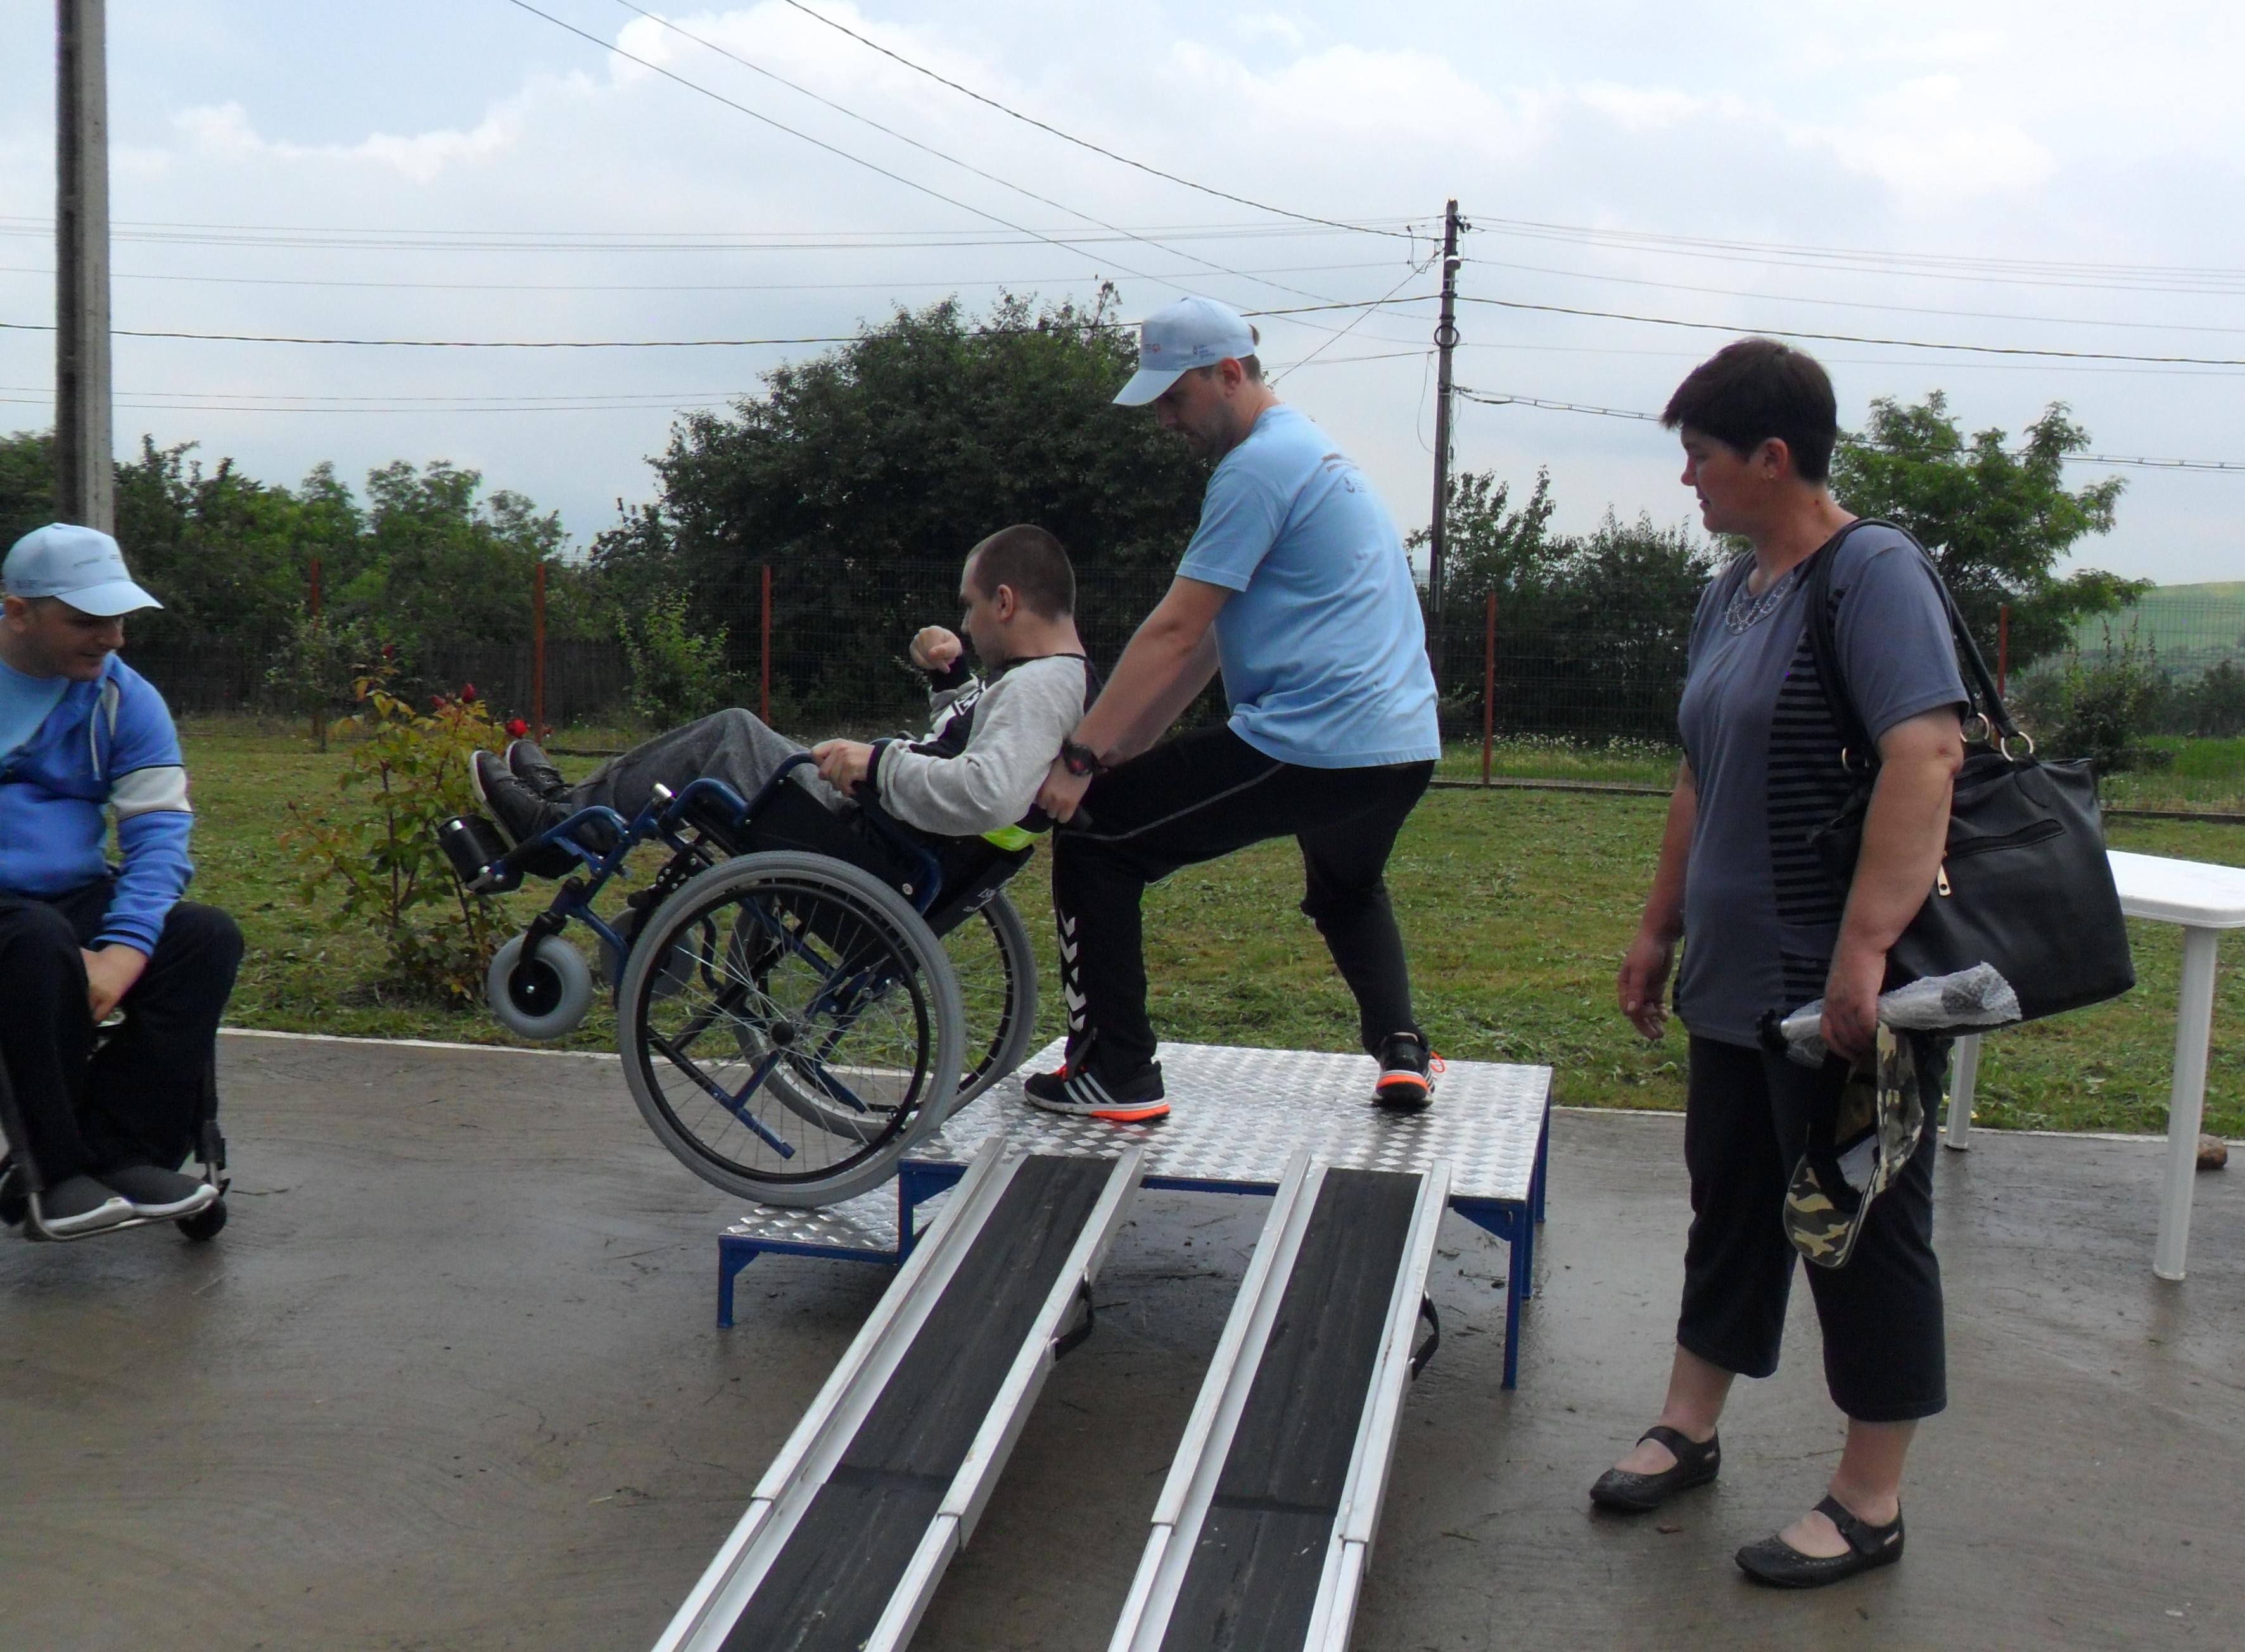 tehnici-de-manevrare-a-scaunului-rulant-alaturi-de-instructor-de-viata-i